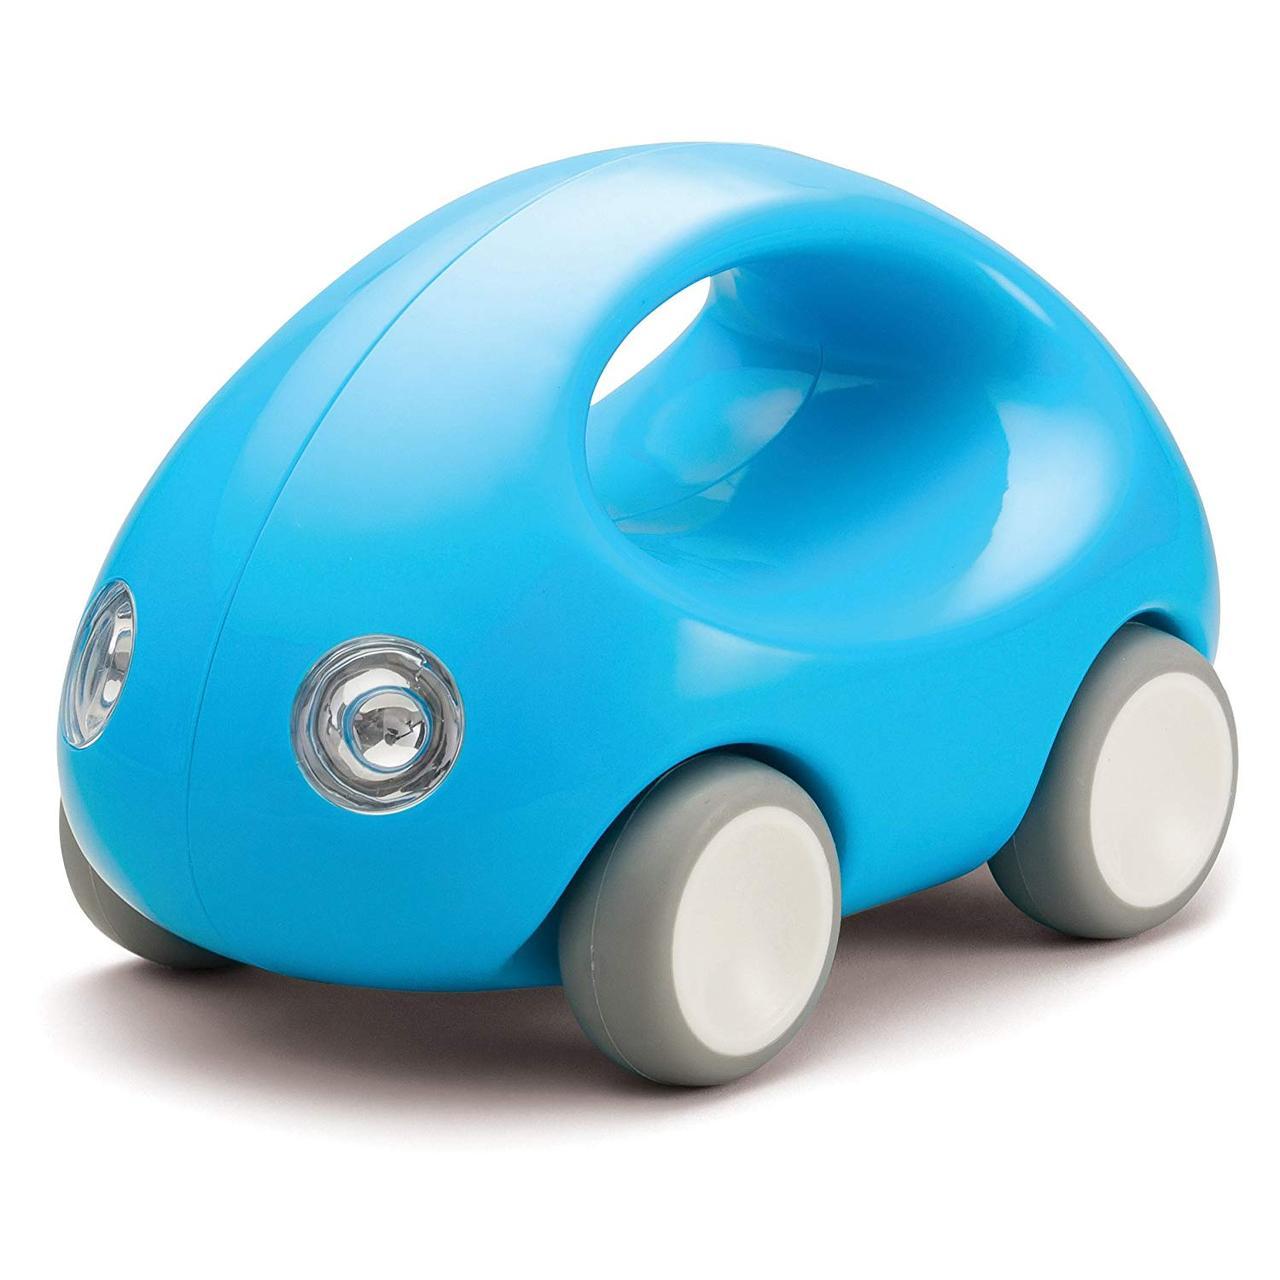 Іграшка Kid O Перший автомобіль блакитний (10341)